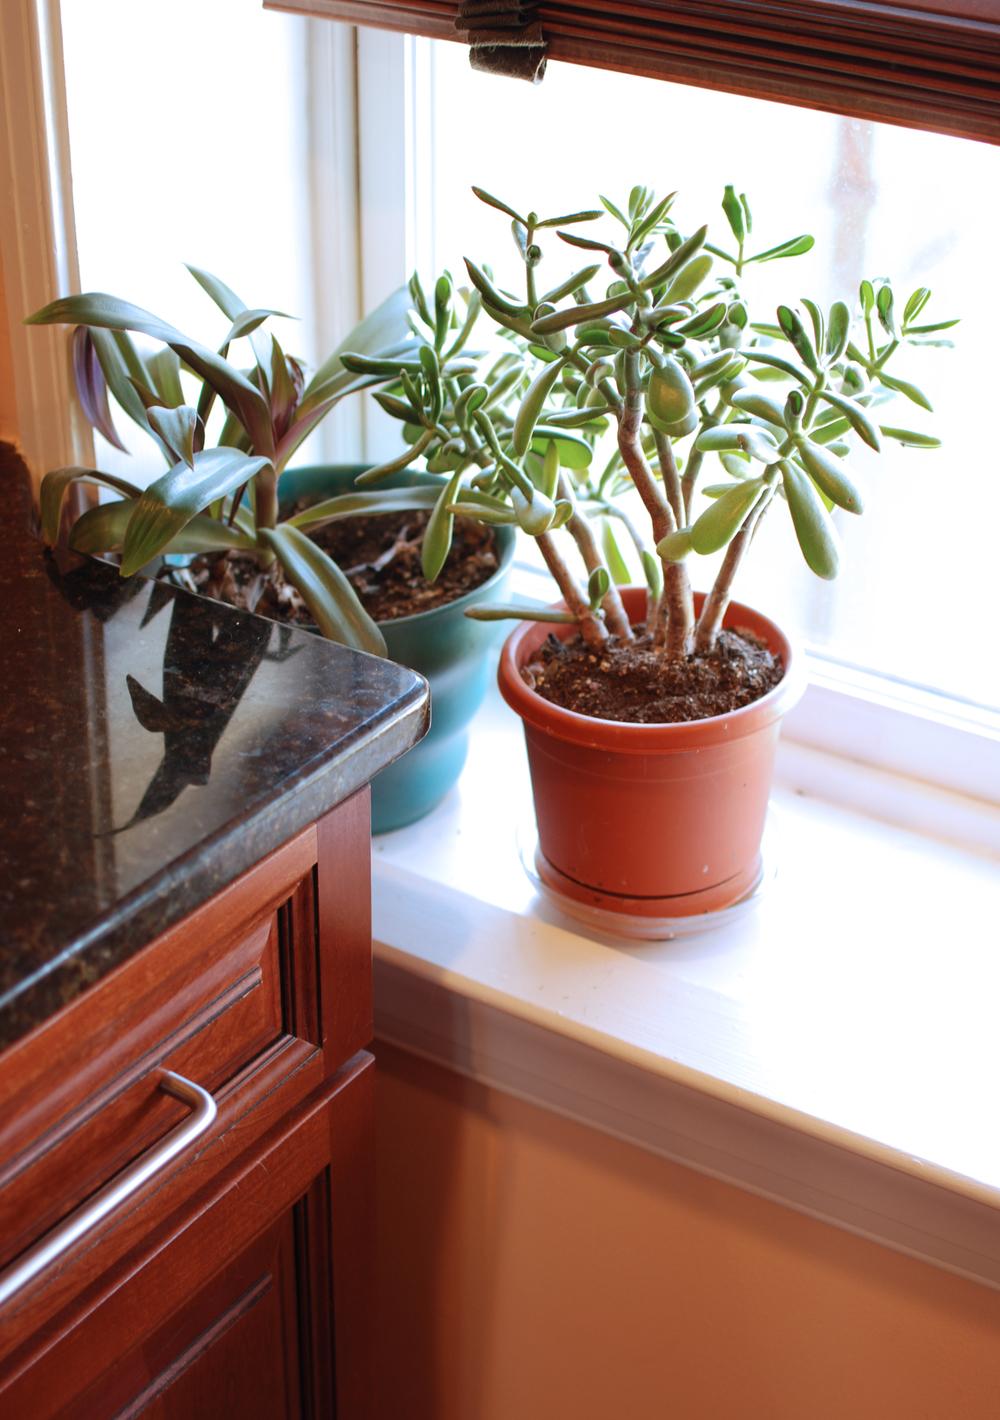 Plants on Kitchen Windowsill